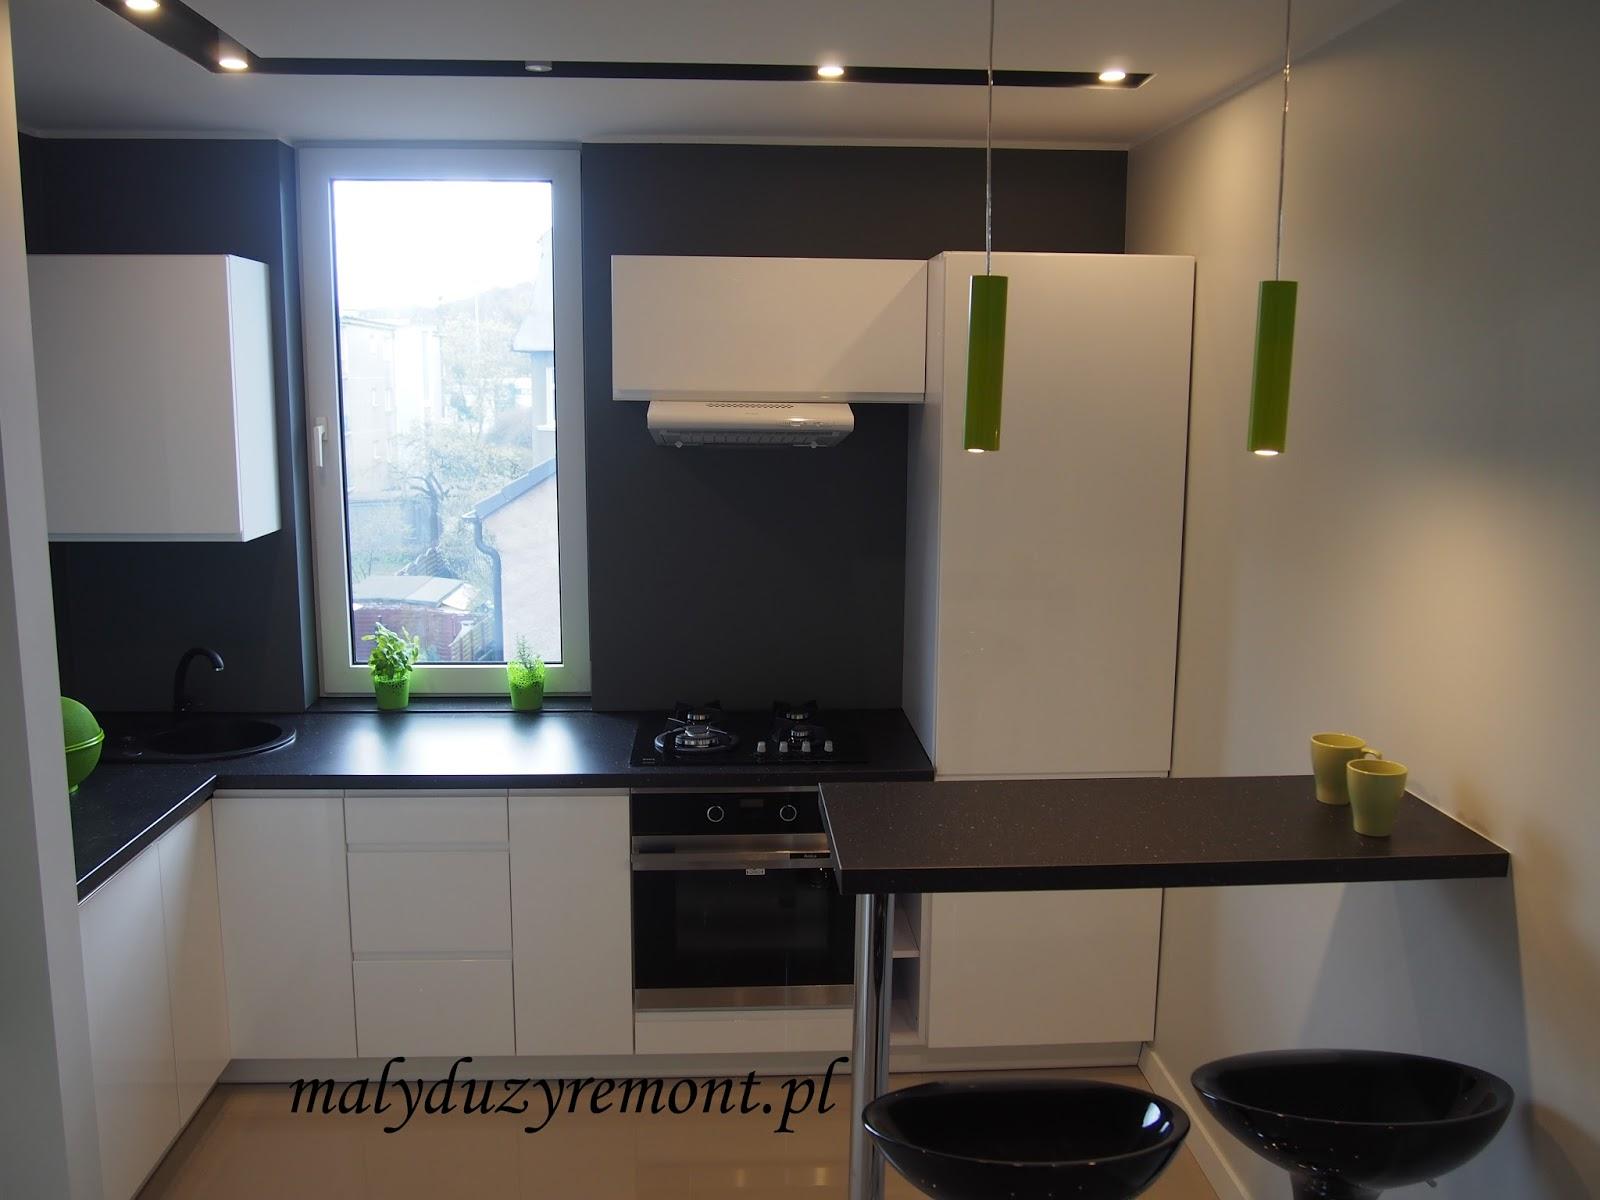 Mały, Duży Remont  Remonty Gdańsk Remont kuchni – Gdańsk remonty mieszkań i